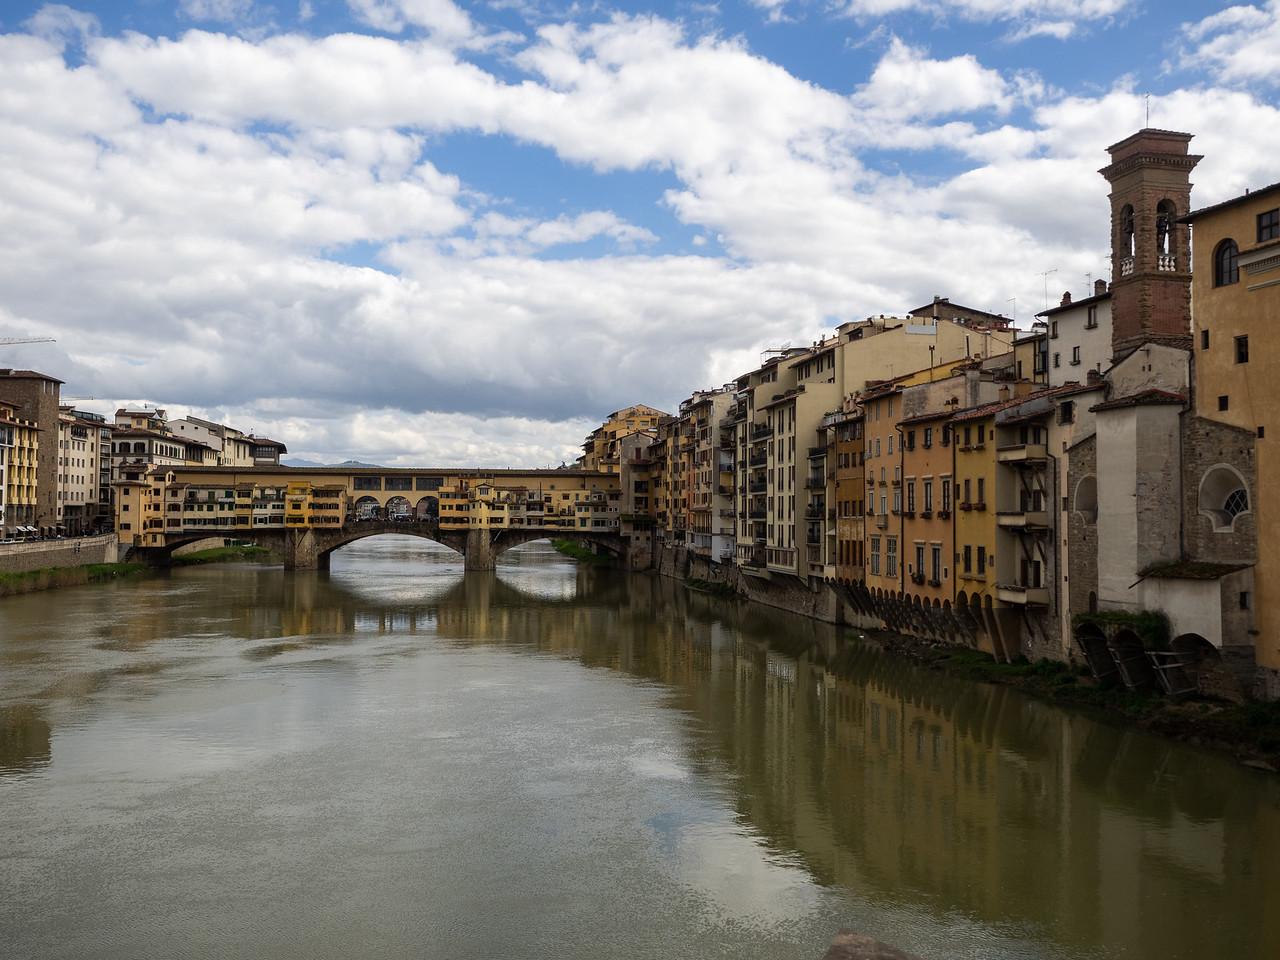 Ponte Vecchio in the distance.